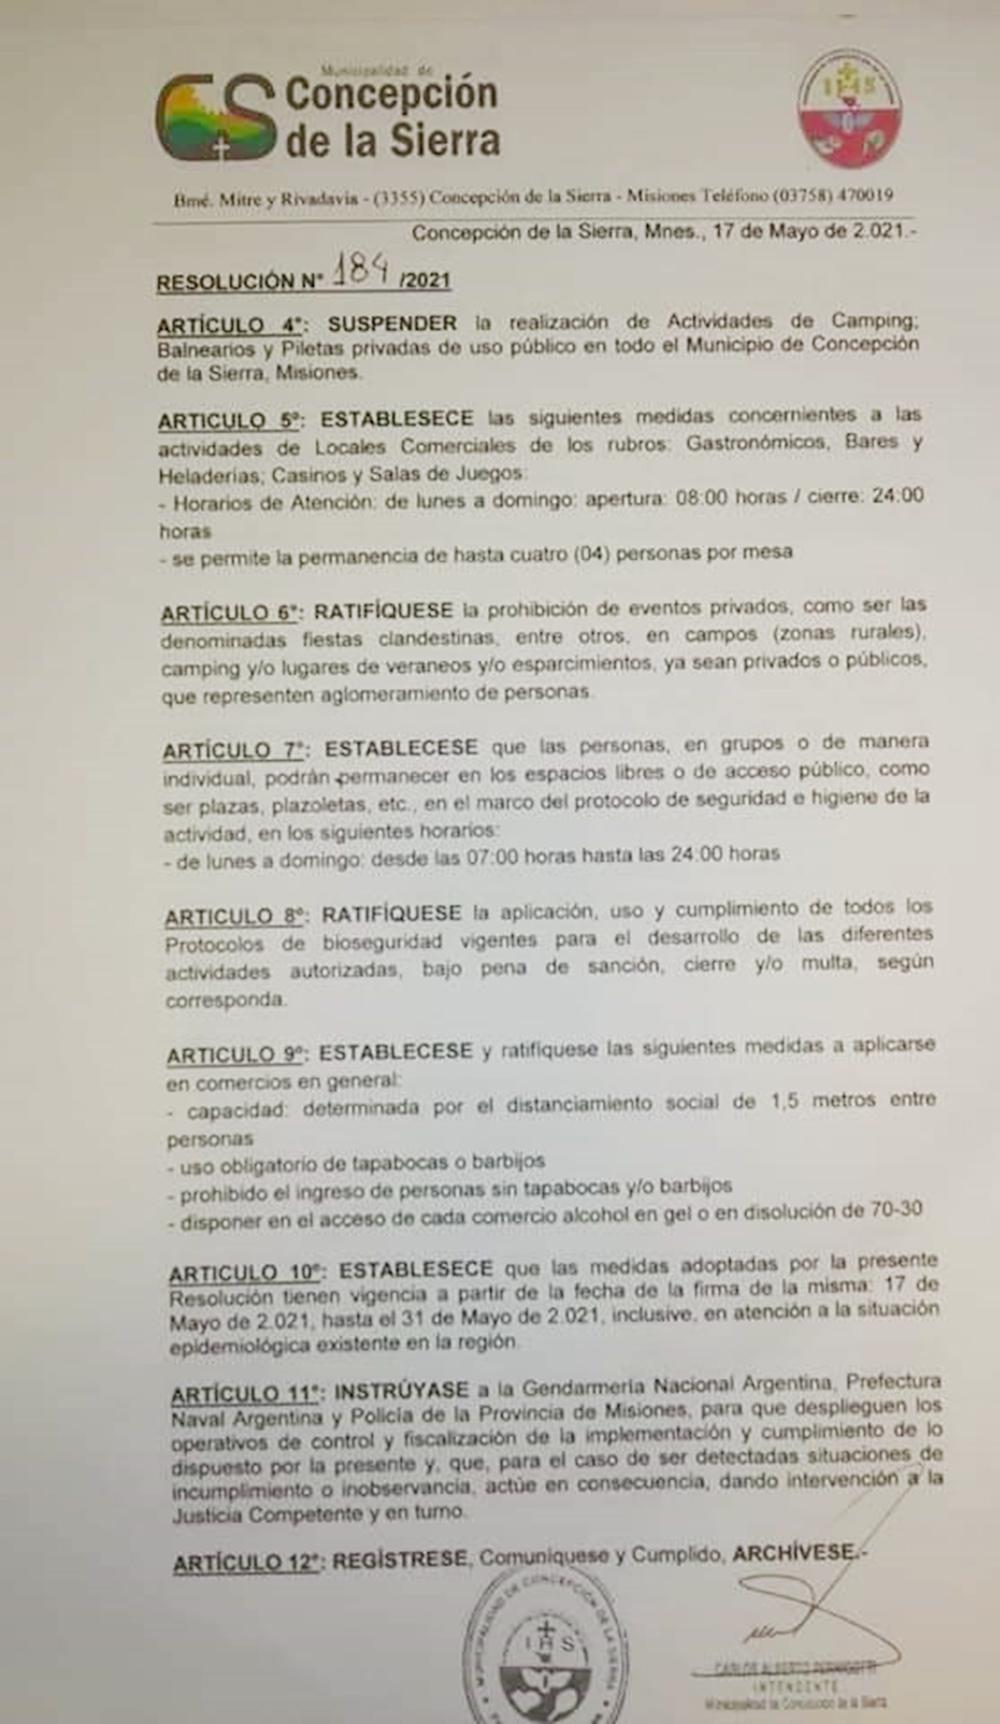 Municipalidad de Concepción de la Sierra, a través de la Resolución Nº 184/2021